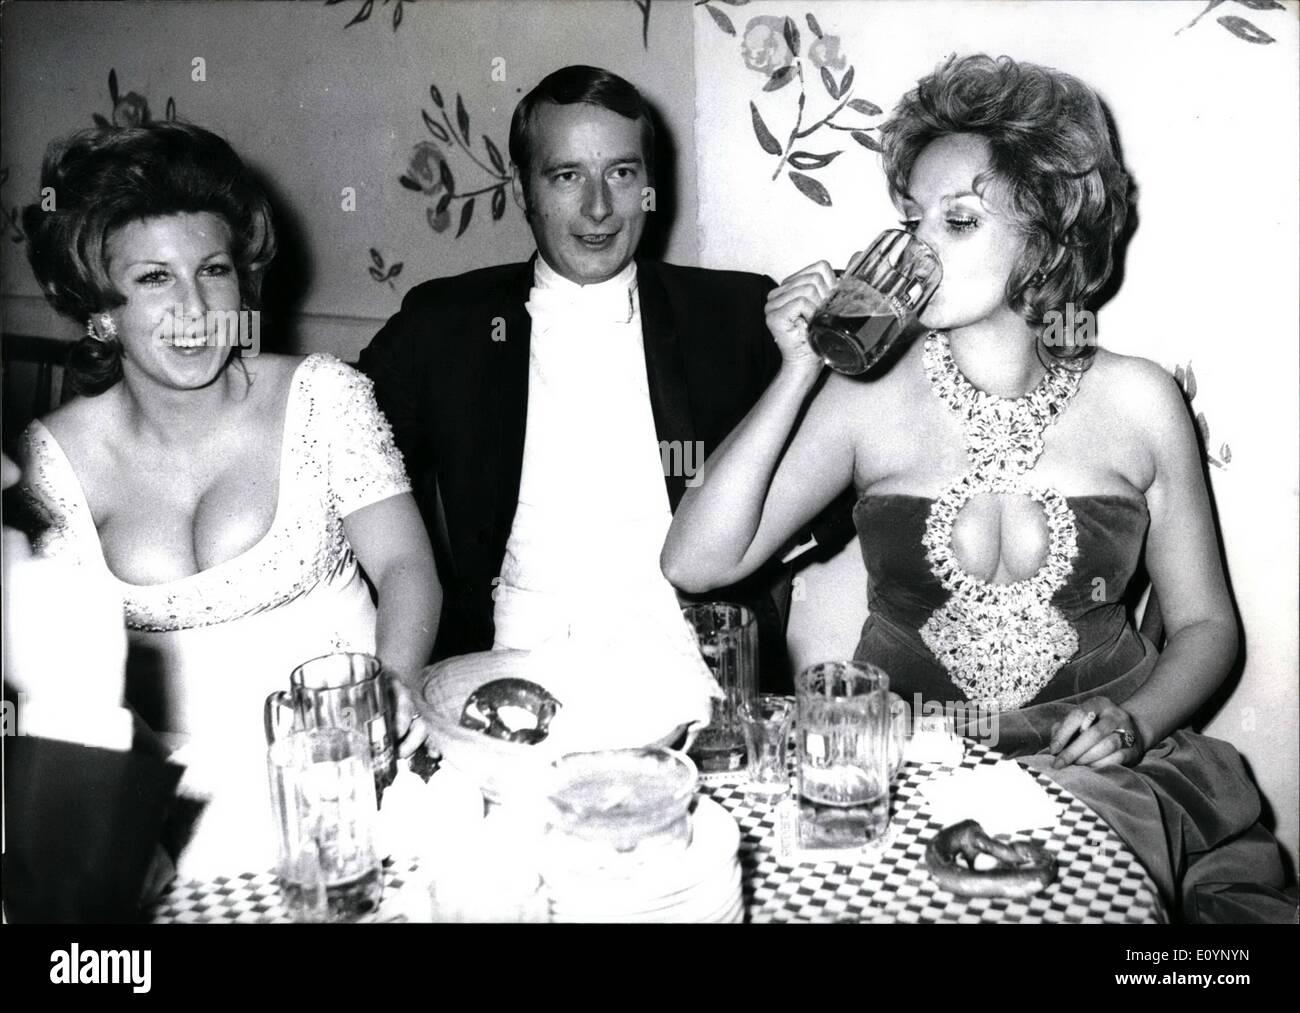 """1. Januar 1971 - Film Ball 1971 in München '' Soiree of the Stars"""": war das Motto für die Gesellschaft und Film 1971 in München am letzten Wochenende stattfand. Die high Society der internationalen Filmwelt und Prominenz aus Politik, Wirtschaft und Kultur genossen tanzen bis spät in den Morgen. Die berühmten Orchester von Max Greger und Hugo Strasser - erscheinen zusammen zum ersten Mal überhaupt - die Atmosphäre aufgelockert und die Tanzfläche in ein Inferno verwandelt. Das exklusive Publikum mit Begeisterung gestempelt und warfen Blumen als Marianne Mendt erschien singen ihre Lieder mit Jähzorn Stockbild"""